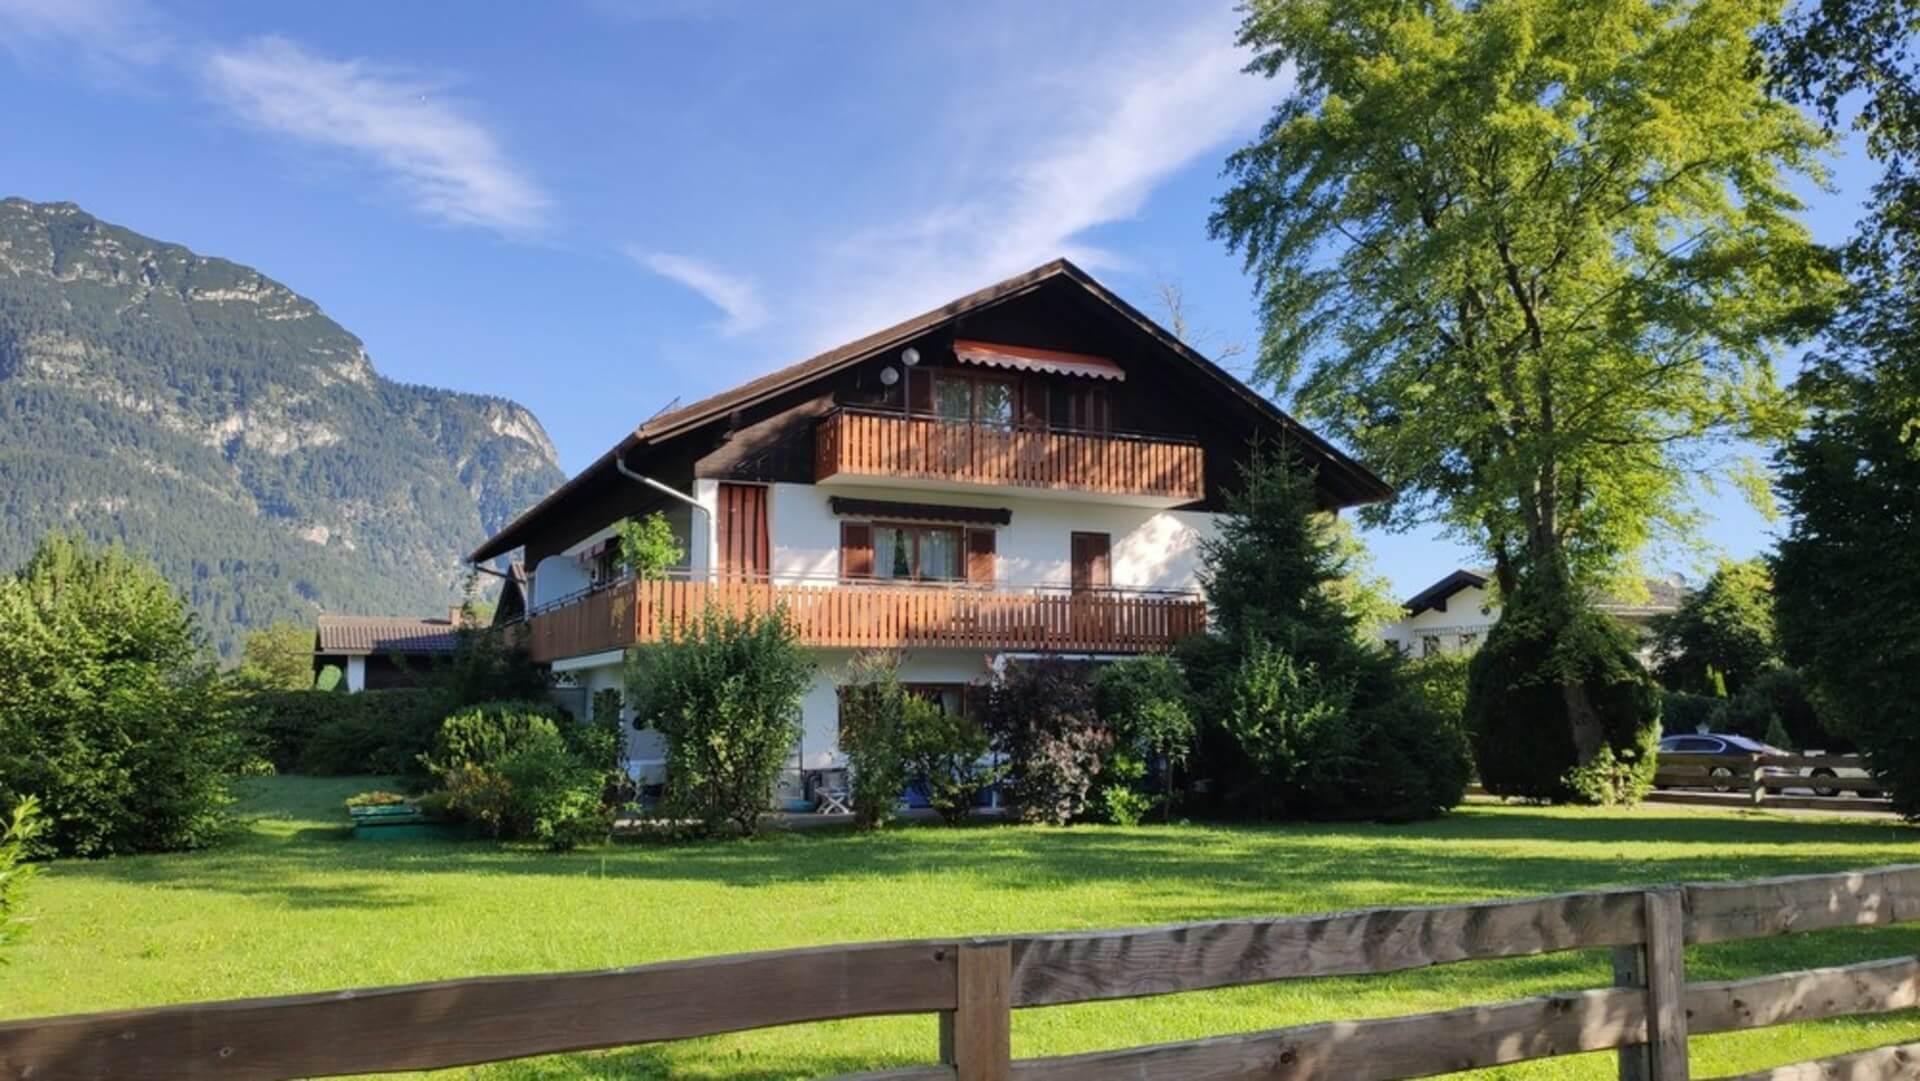 Zentrale Lage: Ski-Gebiet und Ortszentrum von Garmisch-Partenkirchen in wenigen Minuten zu Fuß zu erreichen!